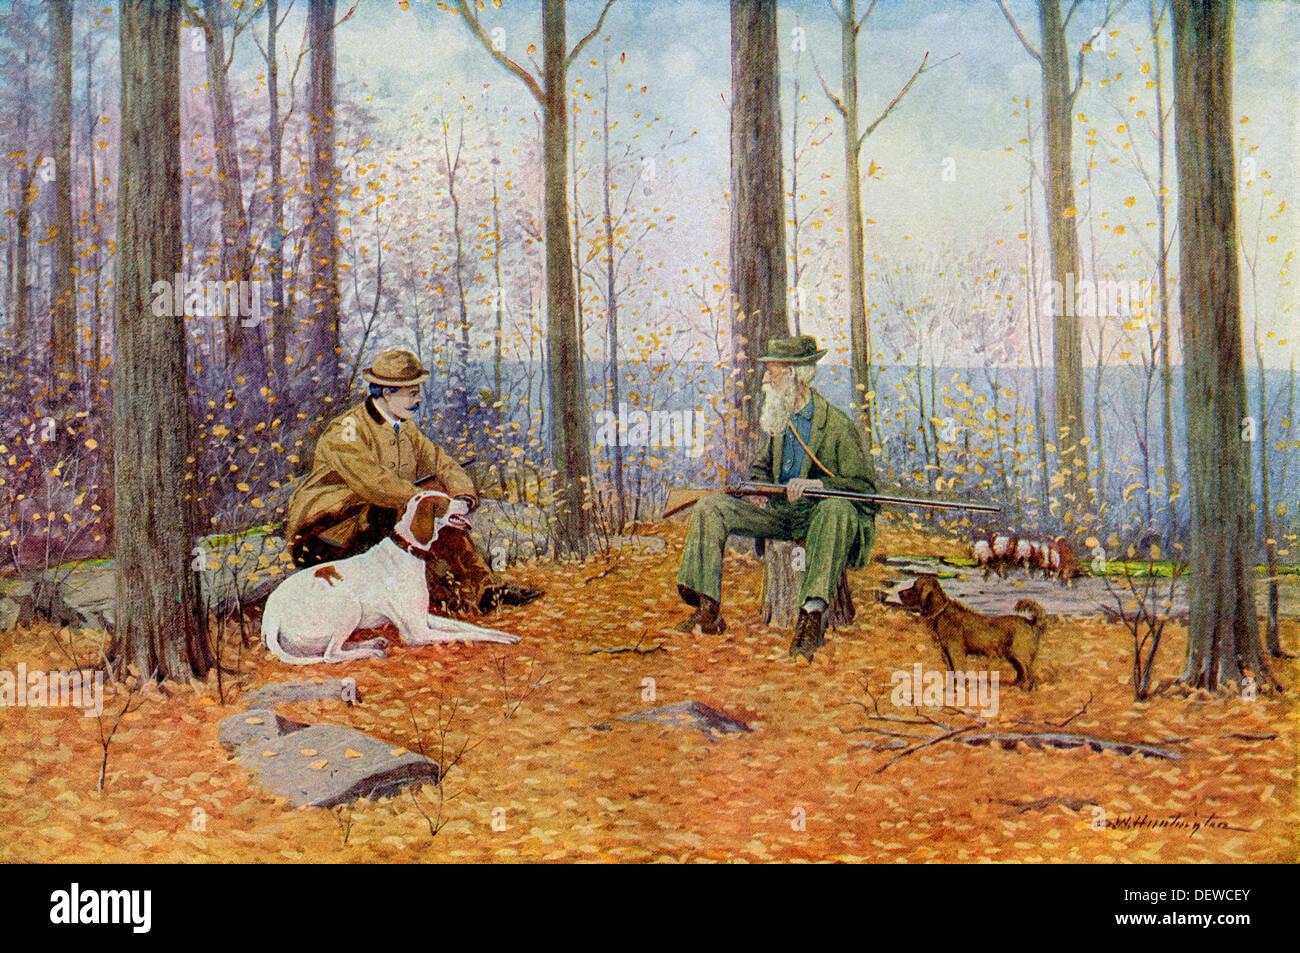 Jóvenes y viejos a los deportistas con sus perros de aves en otoño woods, circa 1900. Litografía en color de un A.B. Frost ilustración Imagen De Stock